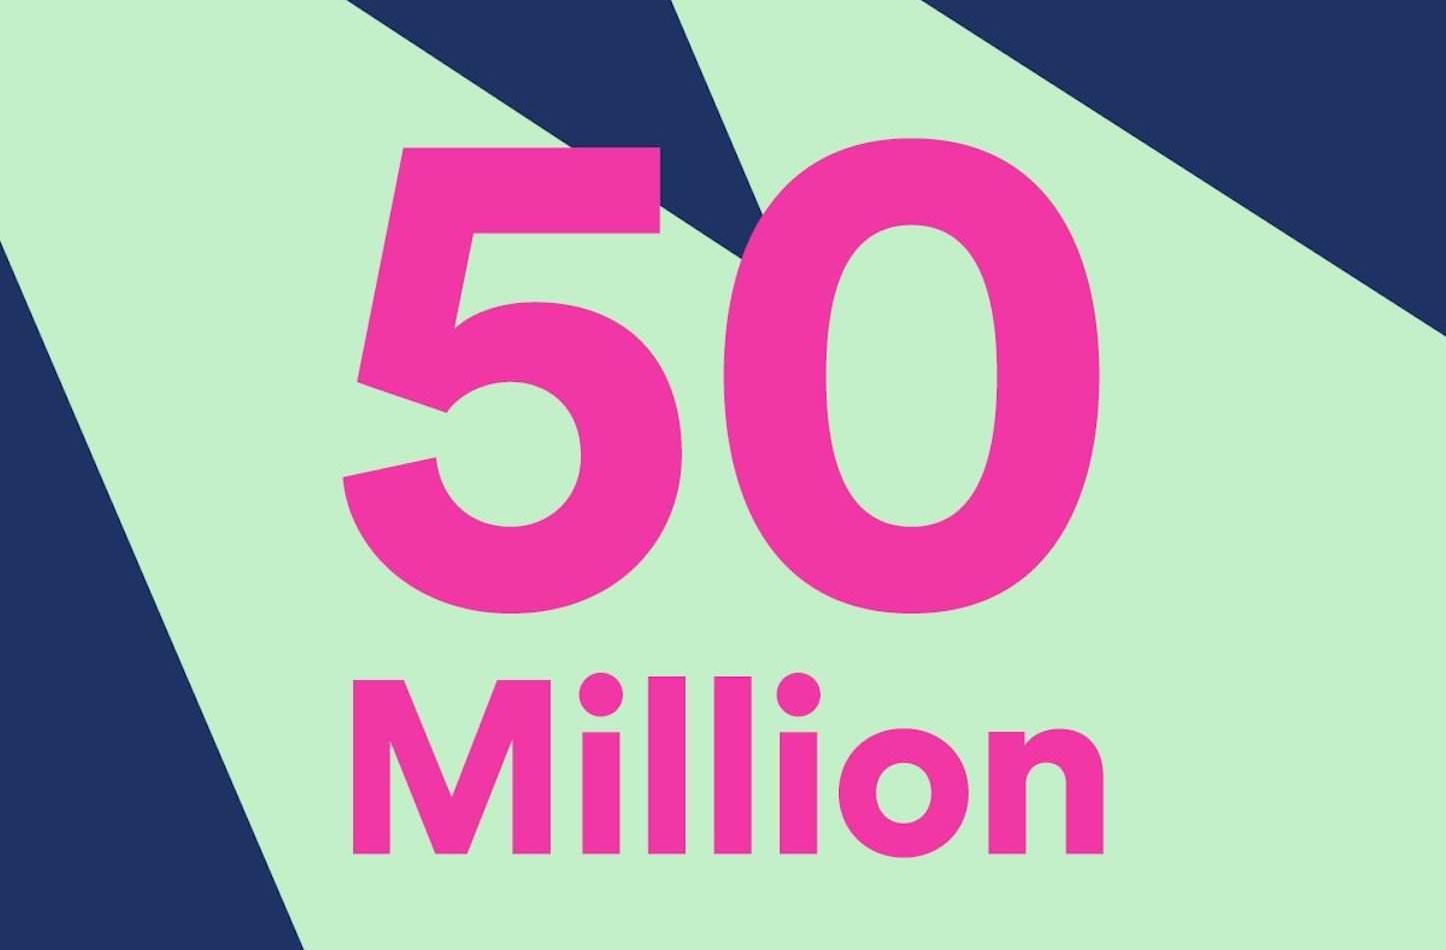 Spotify 50million